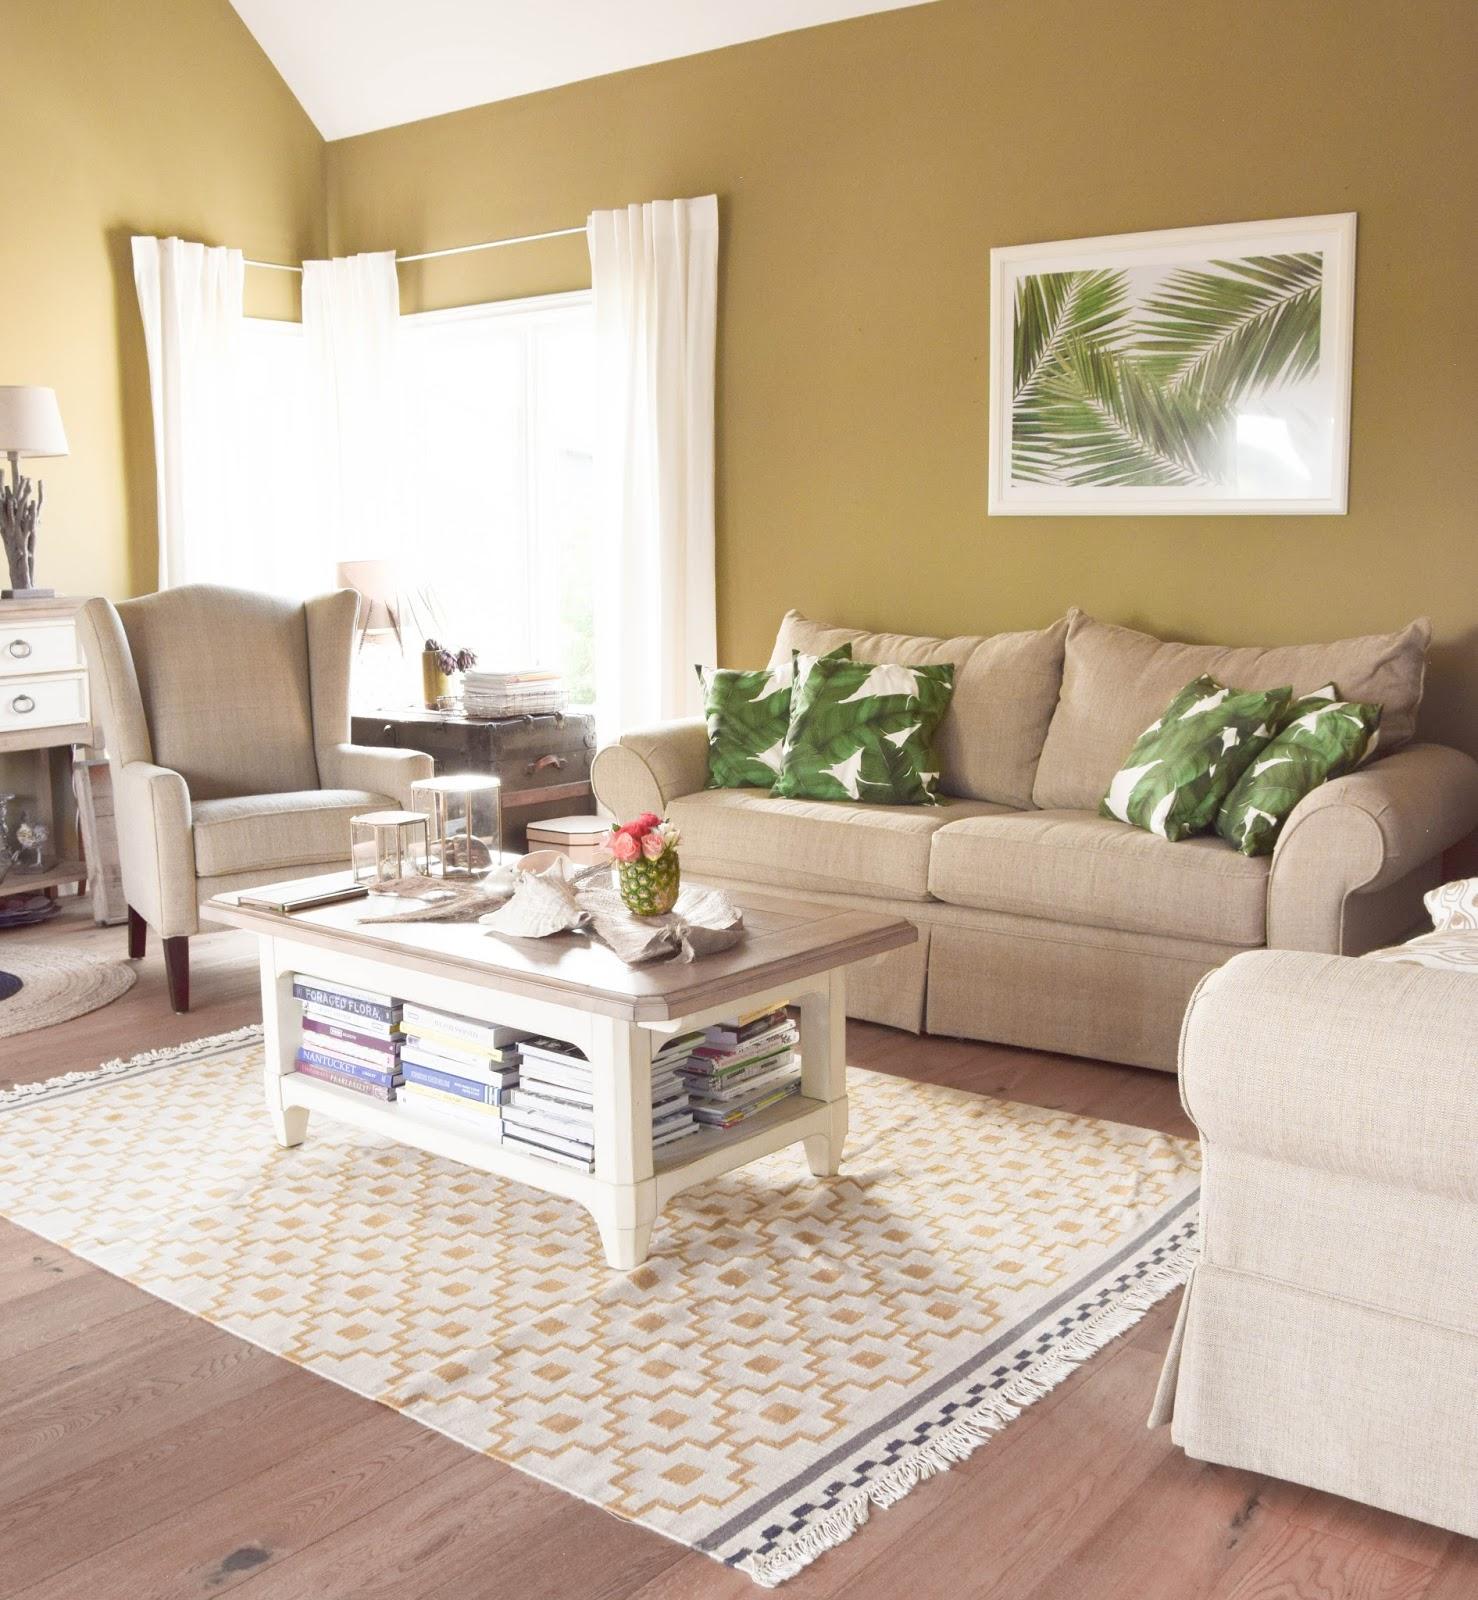 Wohnzimmer Dekoration Inspiration Dekorieren Bilder Deko